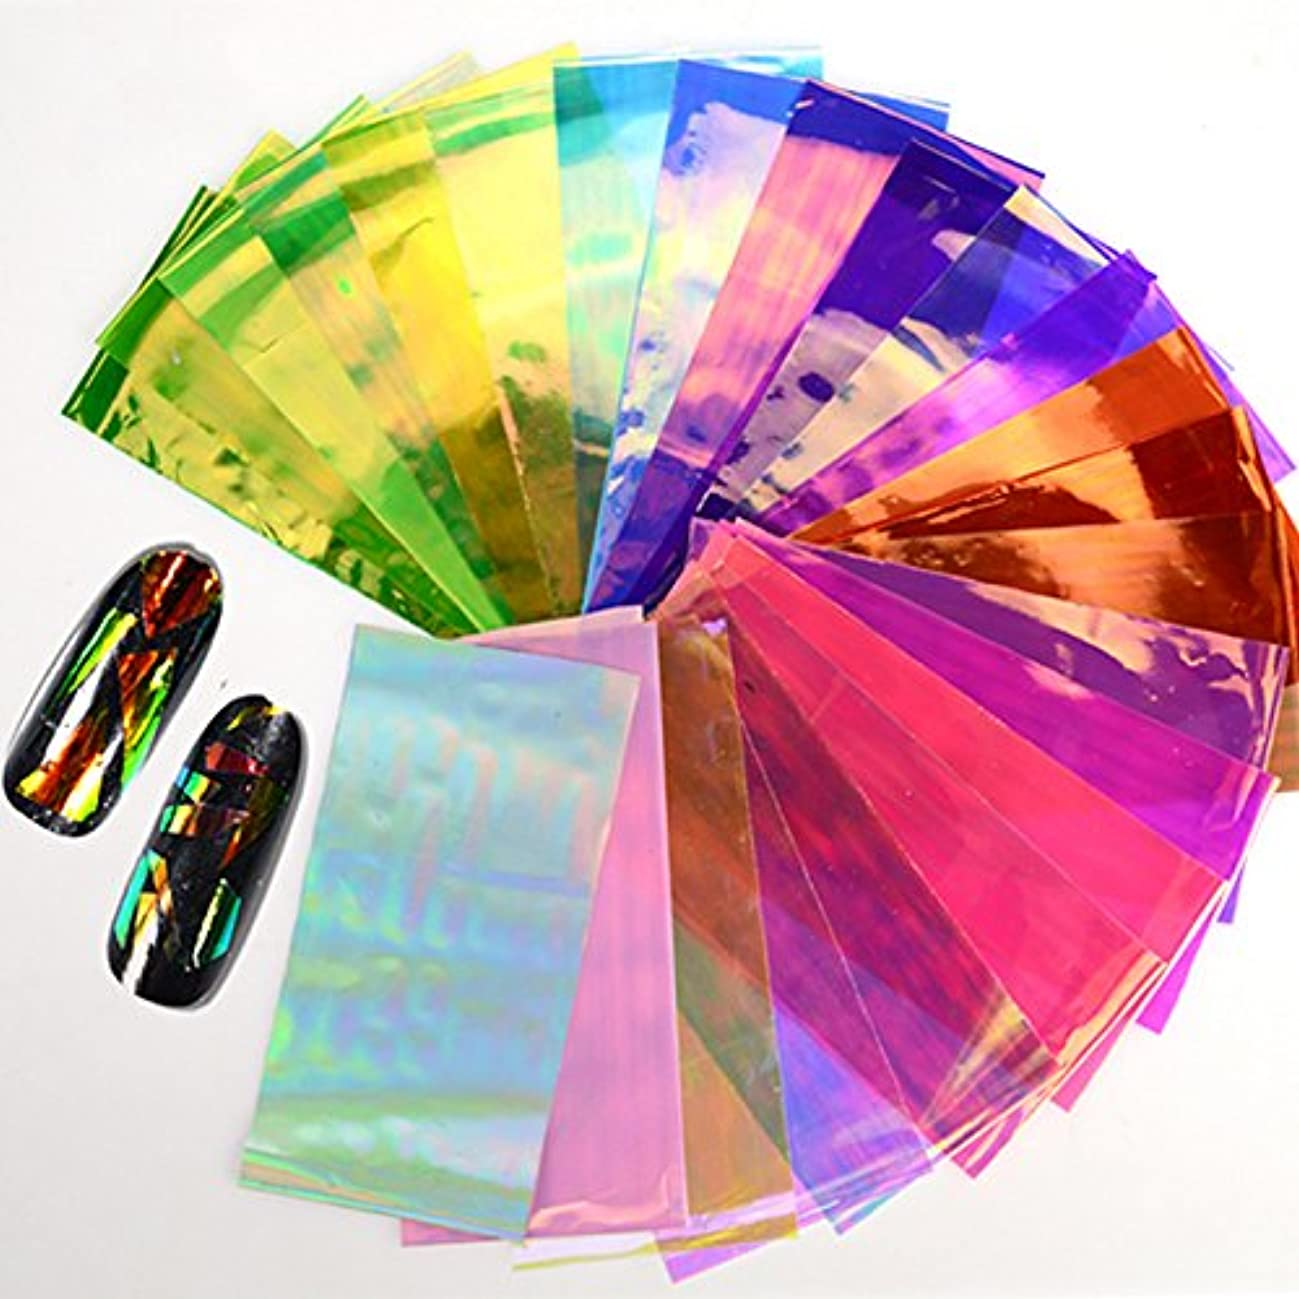 靴下アナロジーさらにGoshang ネイルステッカー オーロラネイルフィルム セロファン ネイルシール テープ ネイル 20枚セット